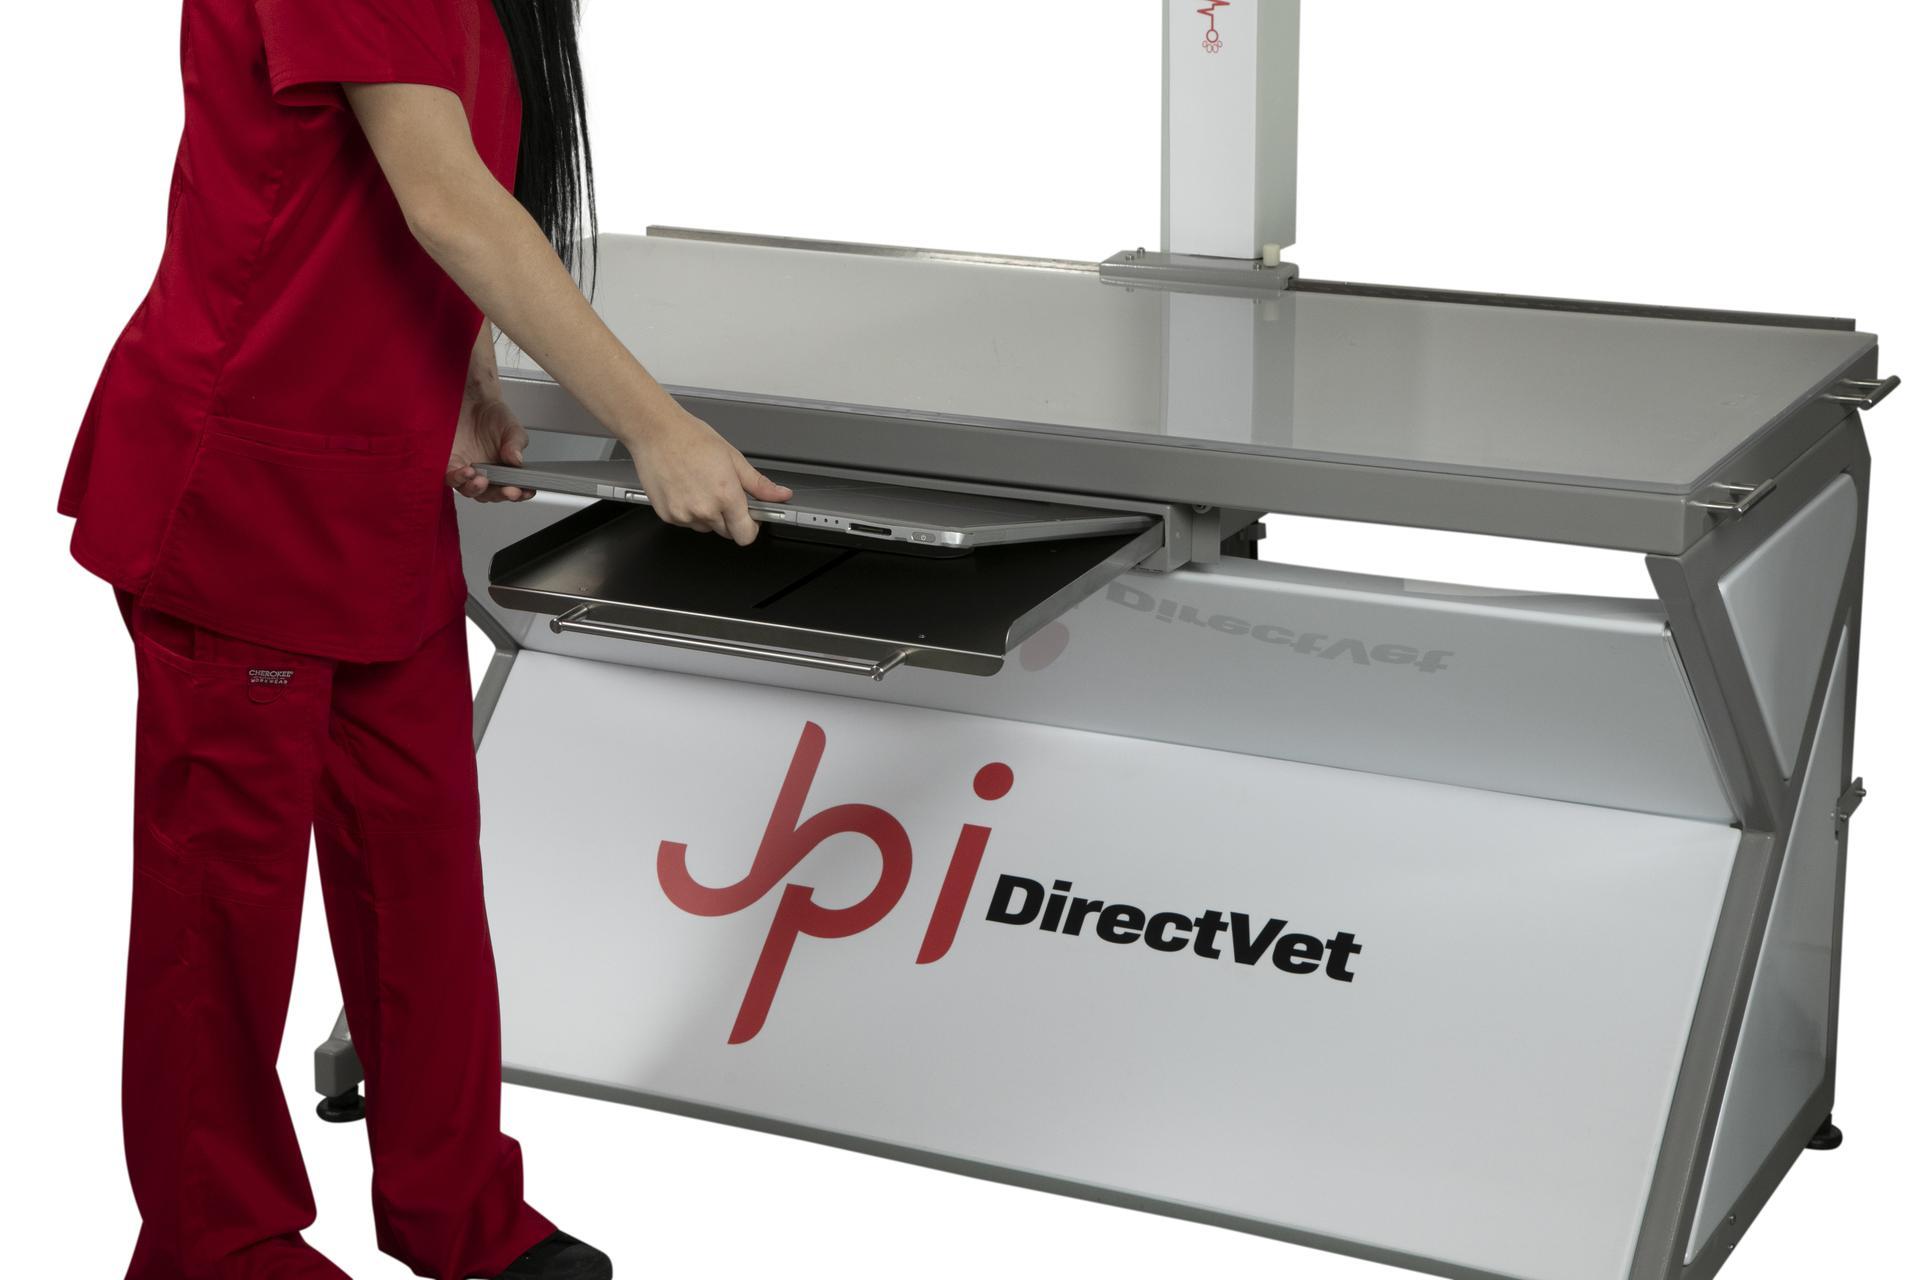 DirectVet